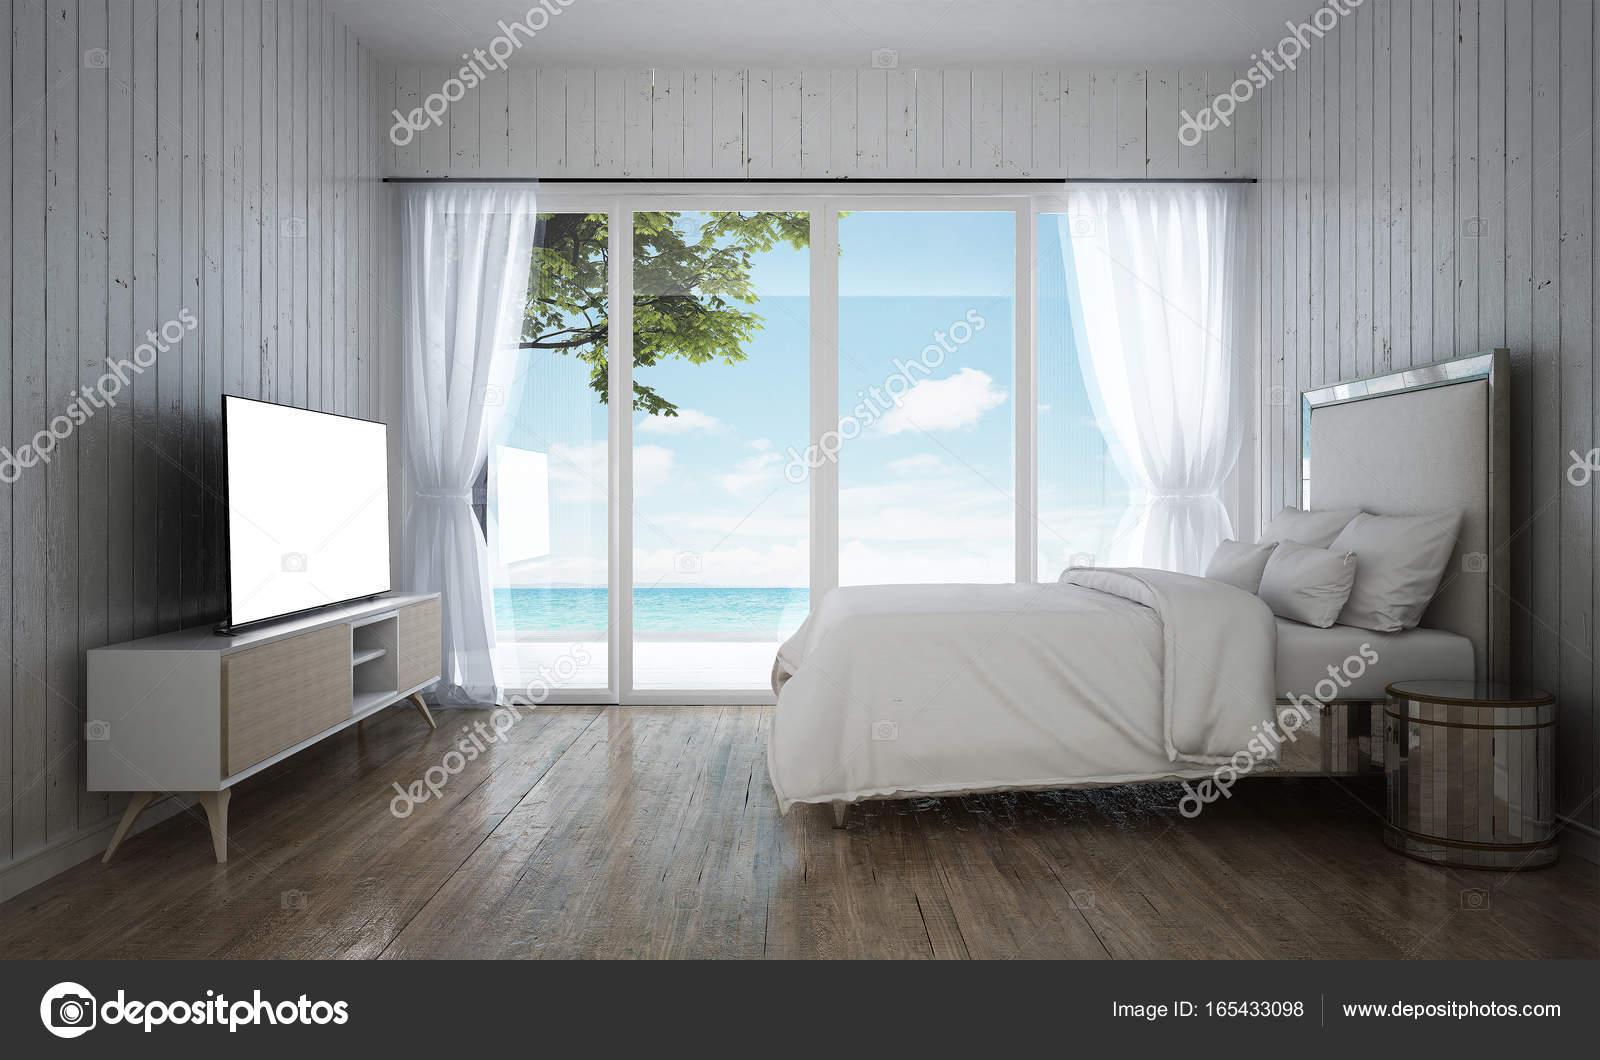 de luxe wit slaapkamer interieur en hout muur achtergrond en uitzicht op zee stockfoto